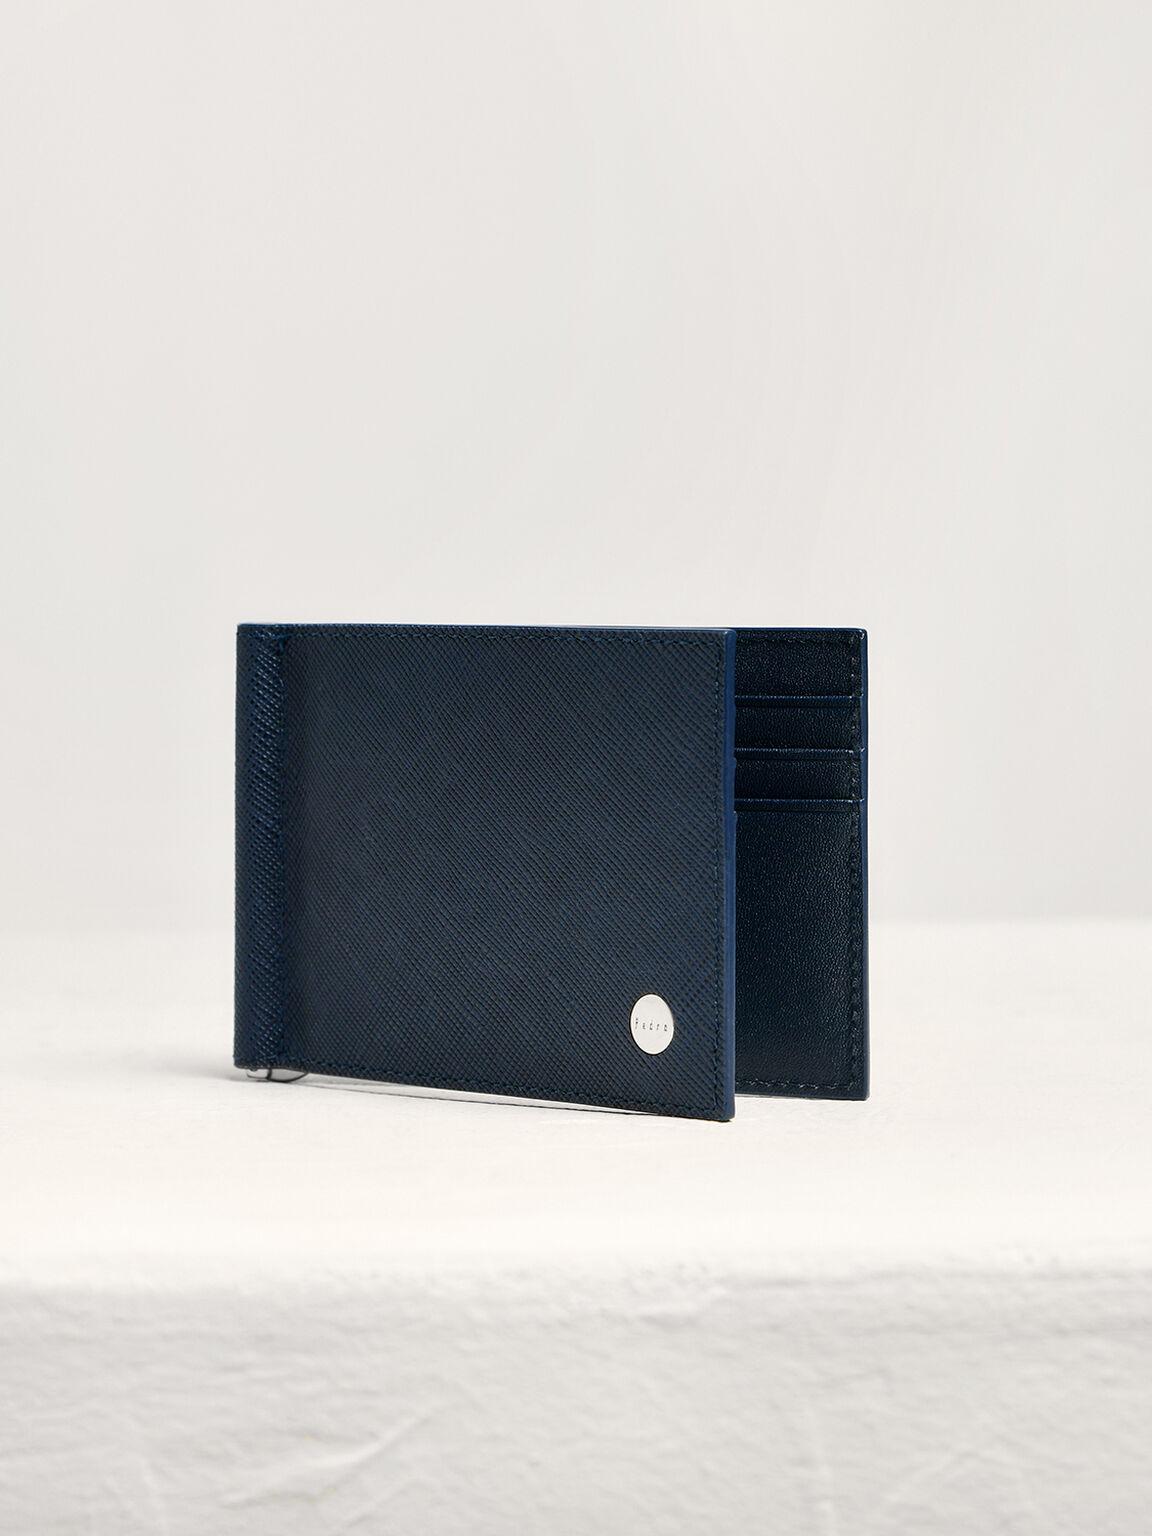 Leather Bi-Fold Money Clip Cardholder, Navy, hi-res